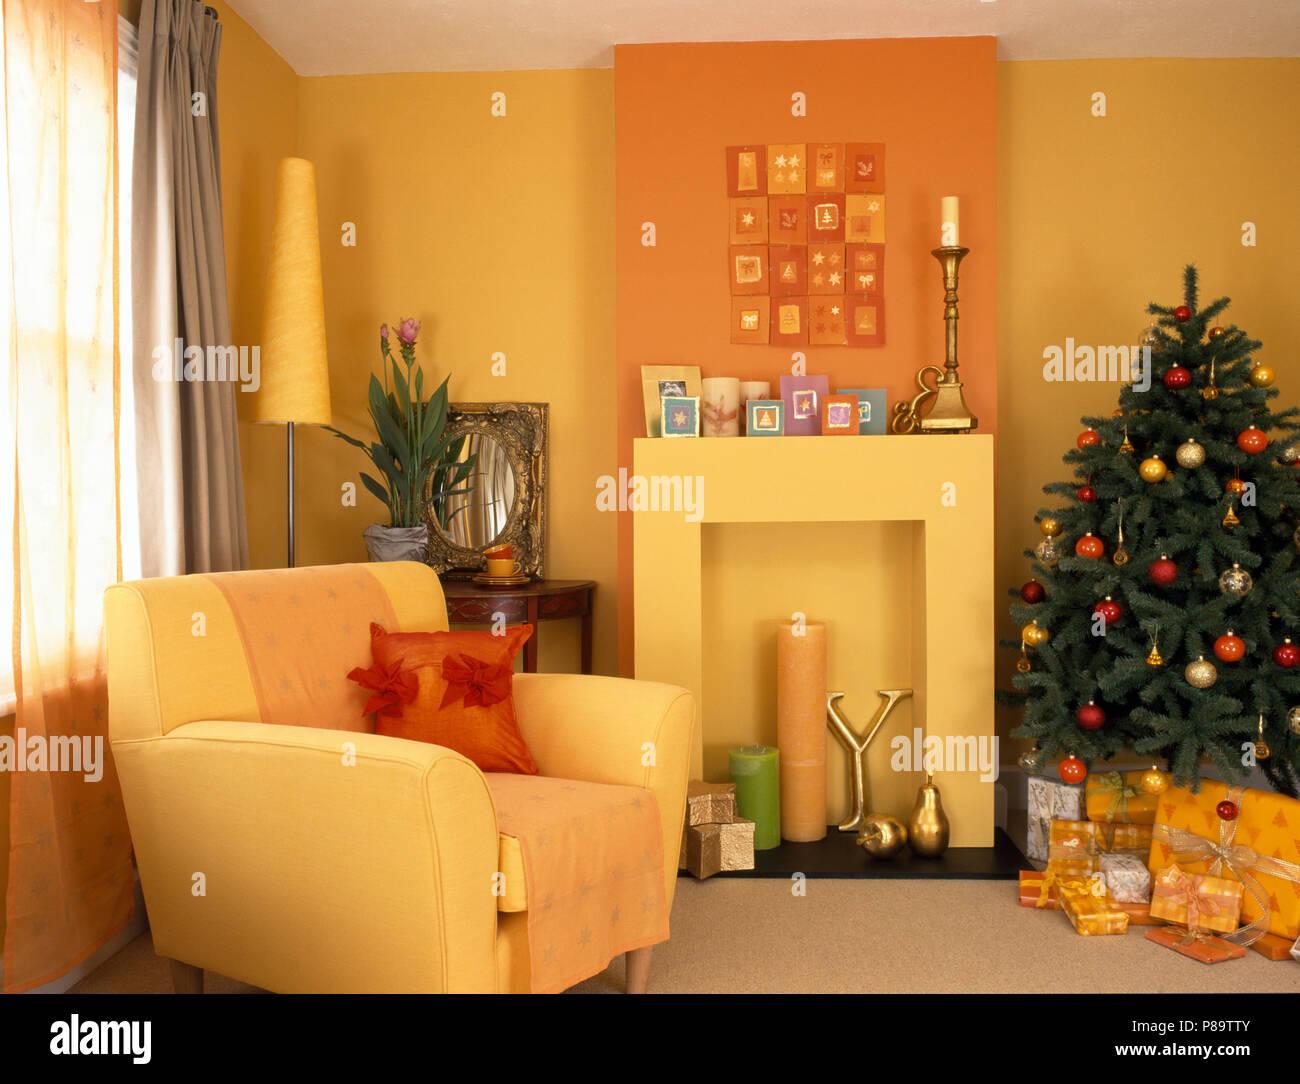 Gelbe Sessel neben einfachen Kamin Aussparung in einem gelben ...